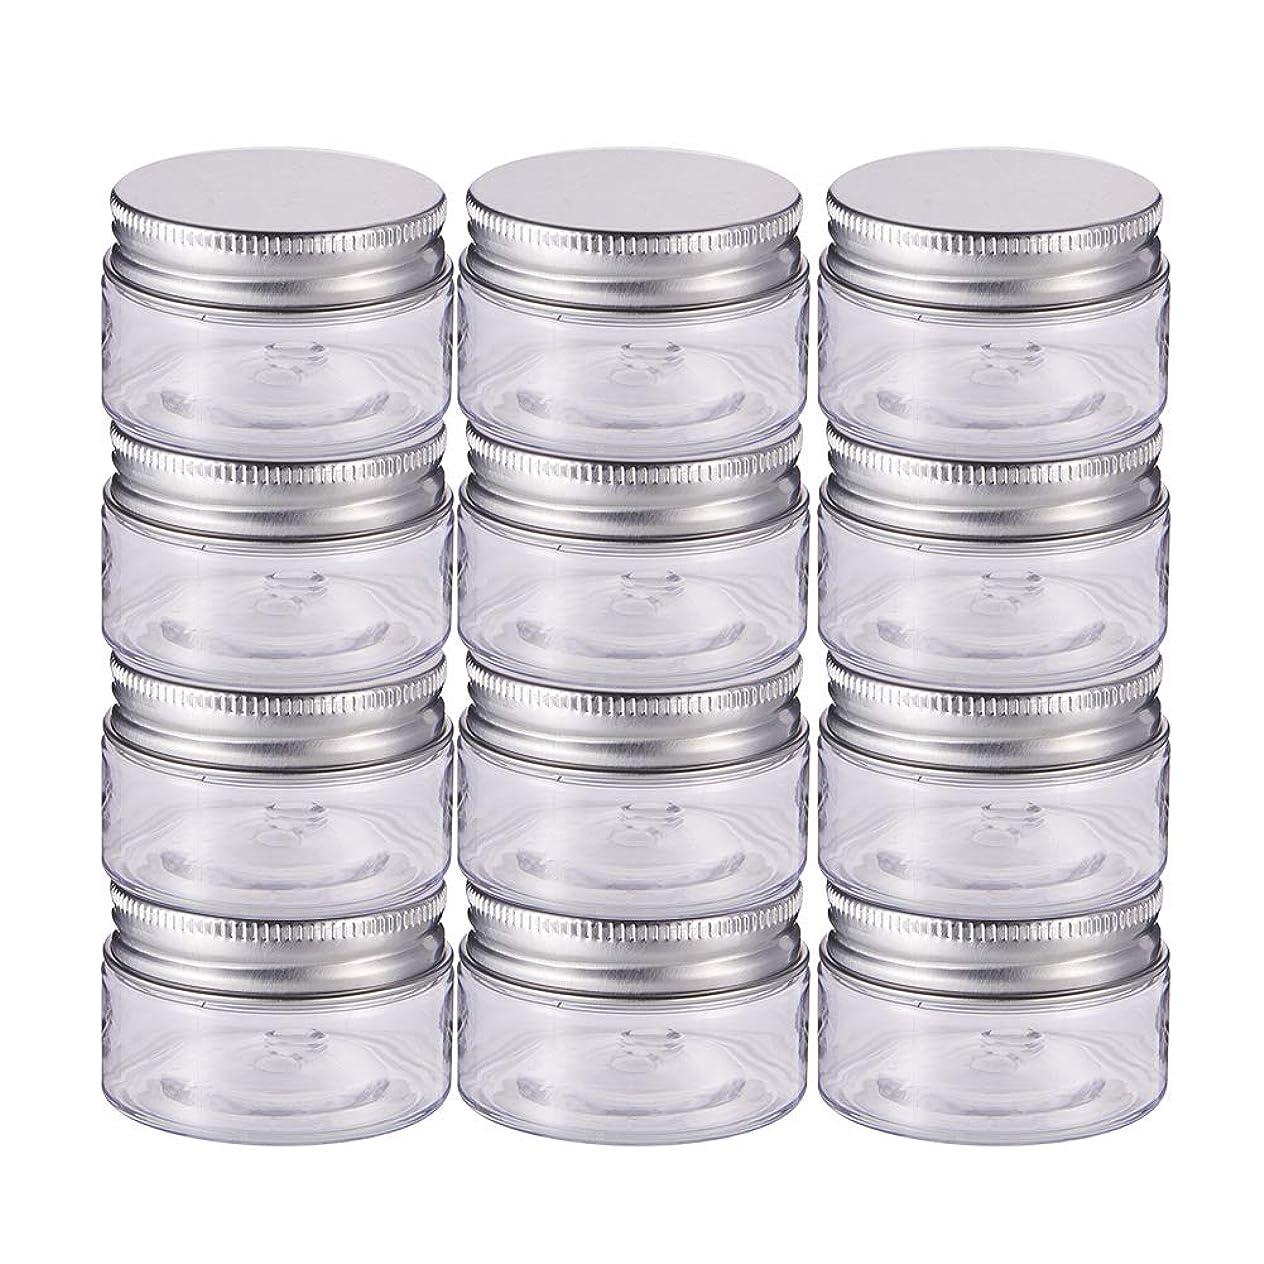 蘇生する抵抗する火山BENECREAT 12個セット60ml小分けボトル アルミ蓋つき プラスチック缶 アルミネジキャップ 小分け 詰め替え容器 クリームケース 化粧品 小物用収納ボックス